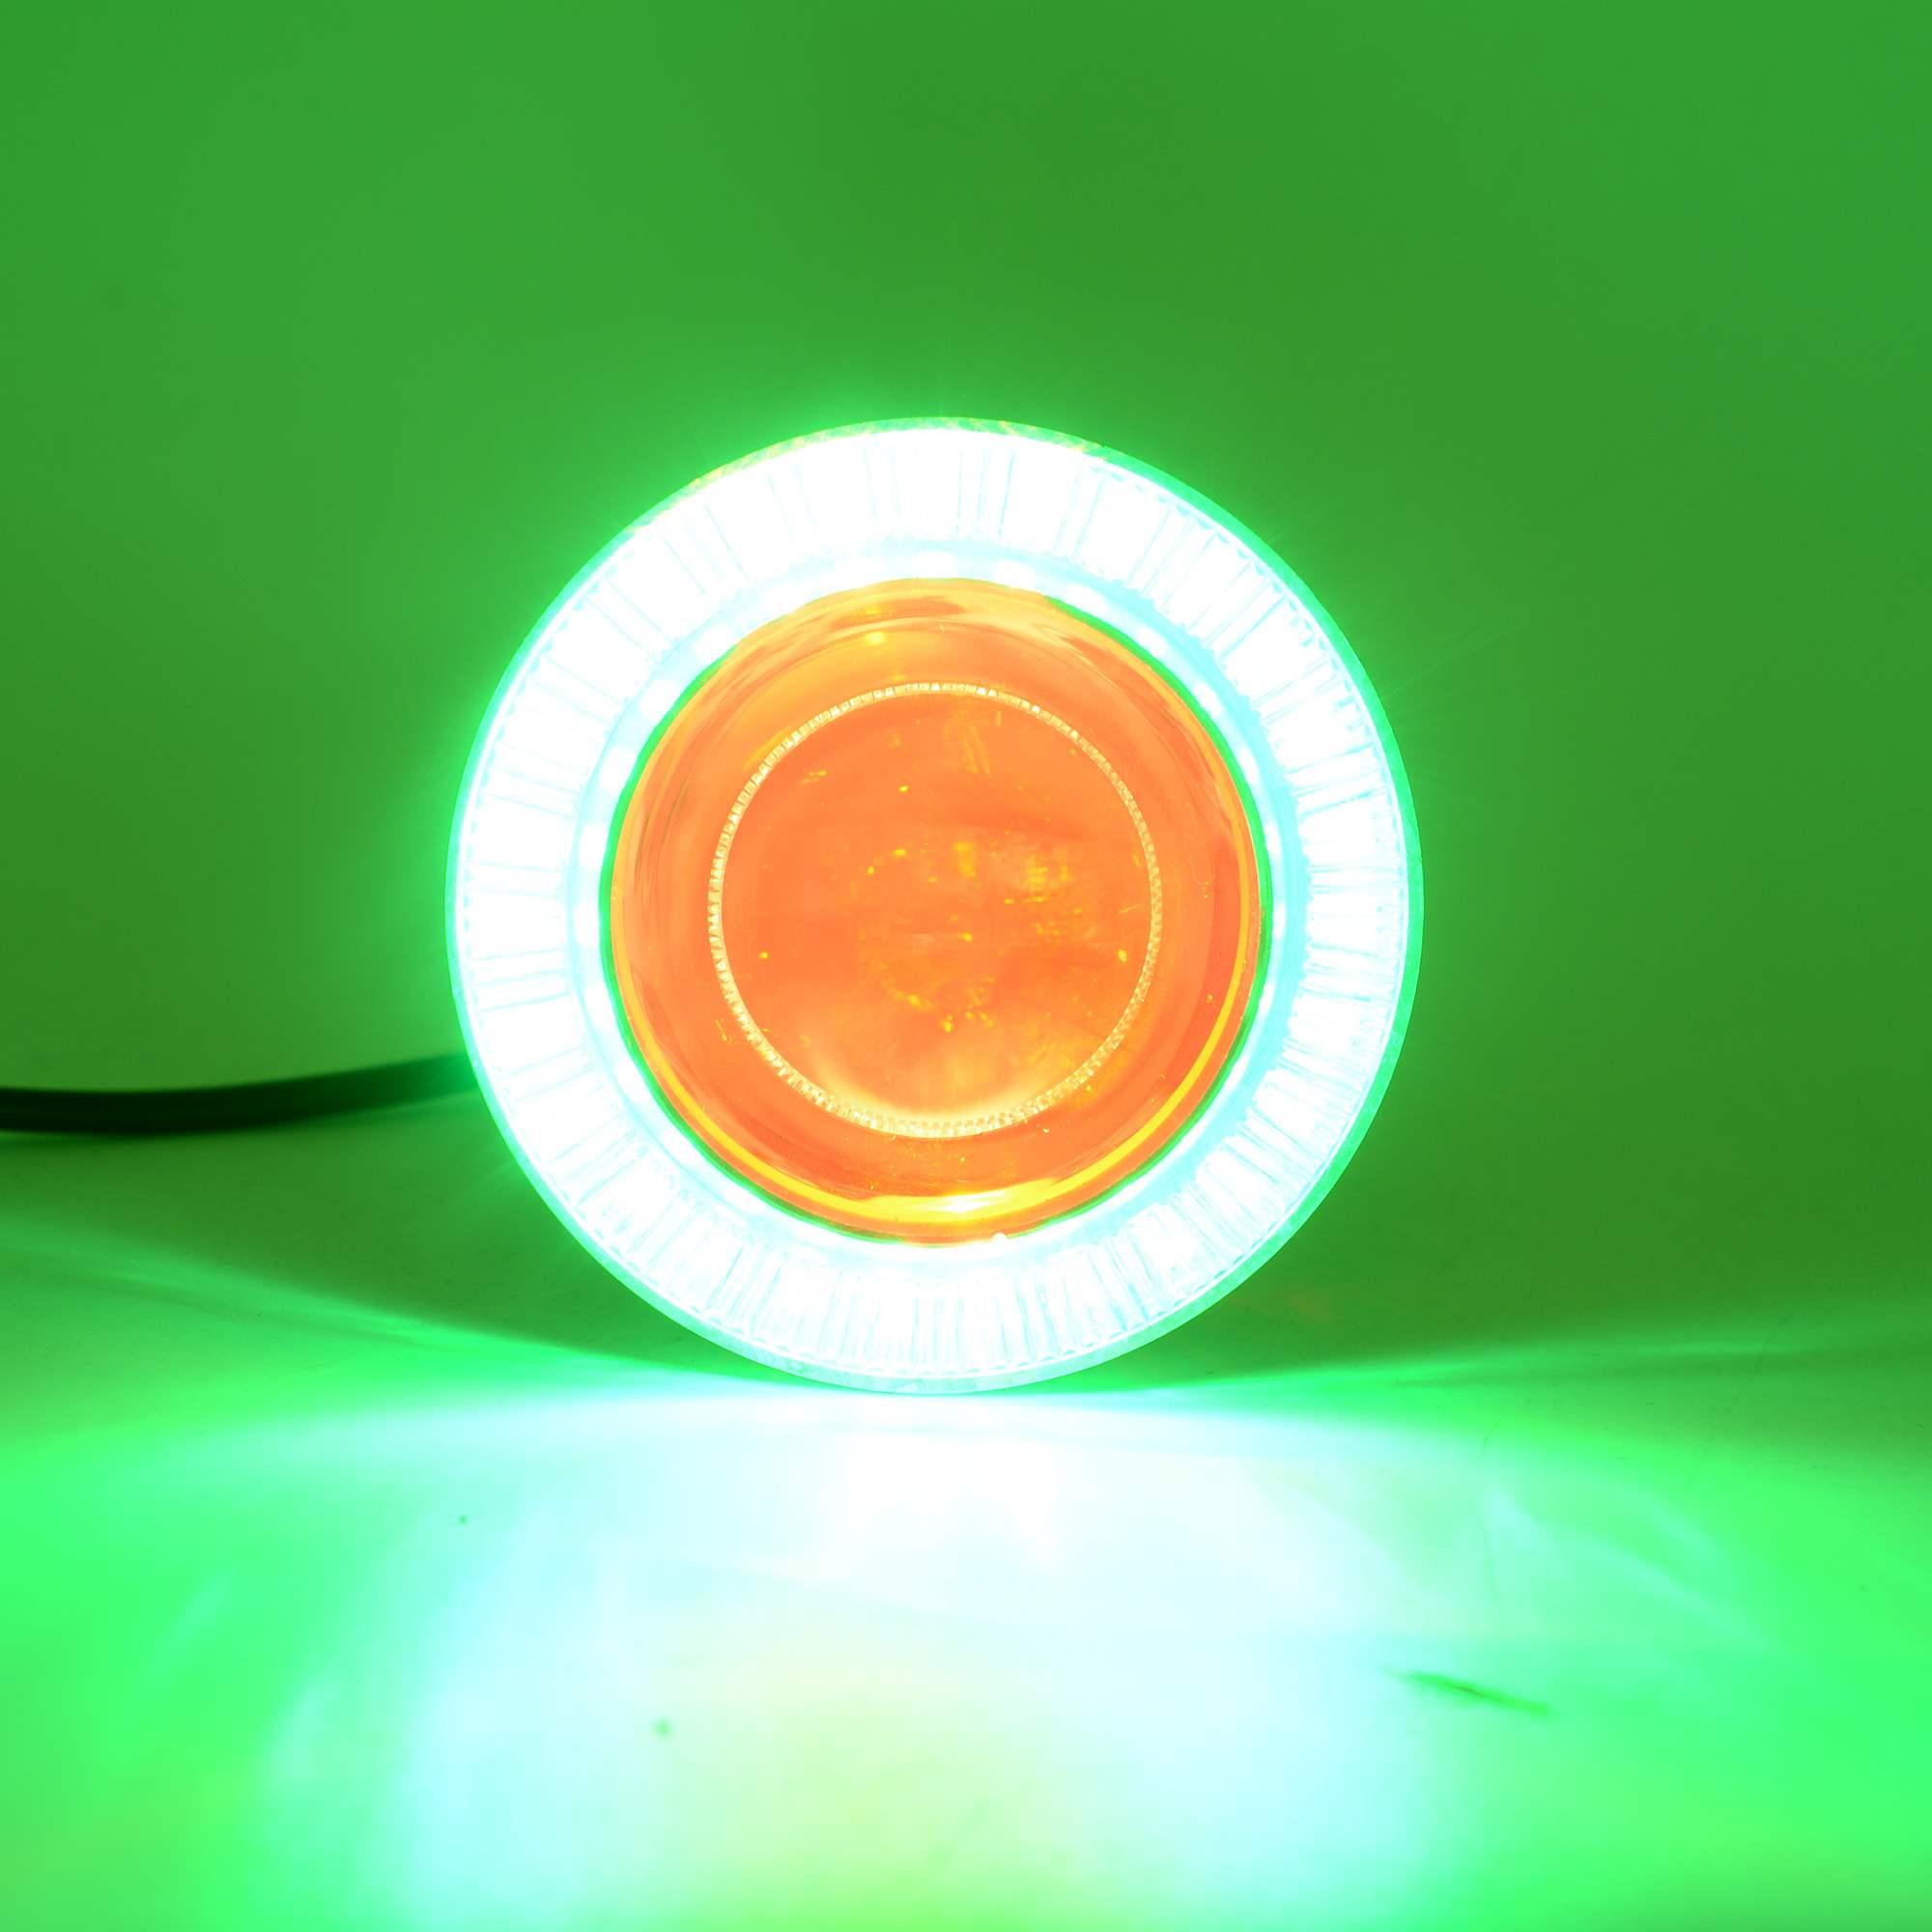 Ghost Fire Angel Eye Devil Eye Motorcycle đèn pha led phụ kiện sửa đổi siêu sáng đèn điện xe chói lóa đèn nhấp nháy - Đèn xe máy